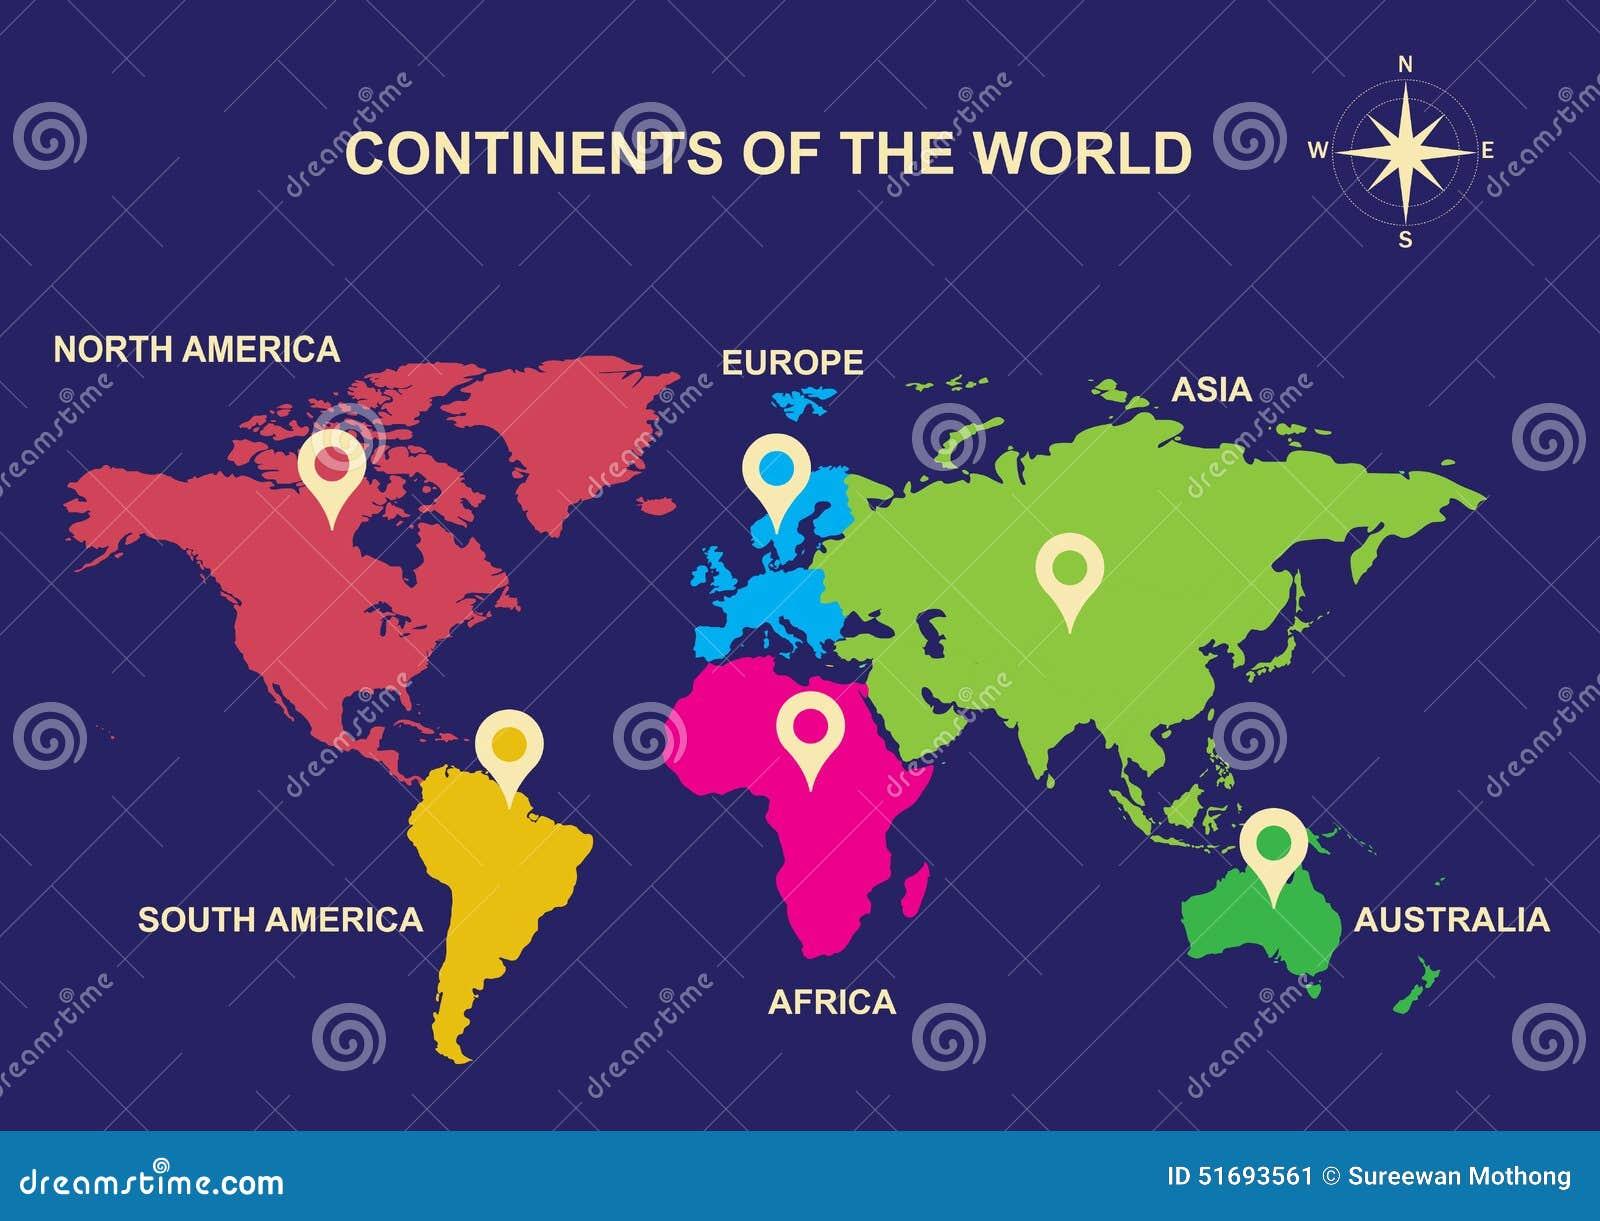 Kontinente der Welt, Kontinente, Asien, Europa, Australien, Südamerika, Nordamerika, Afrika